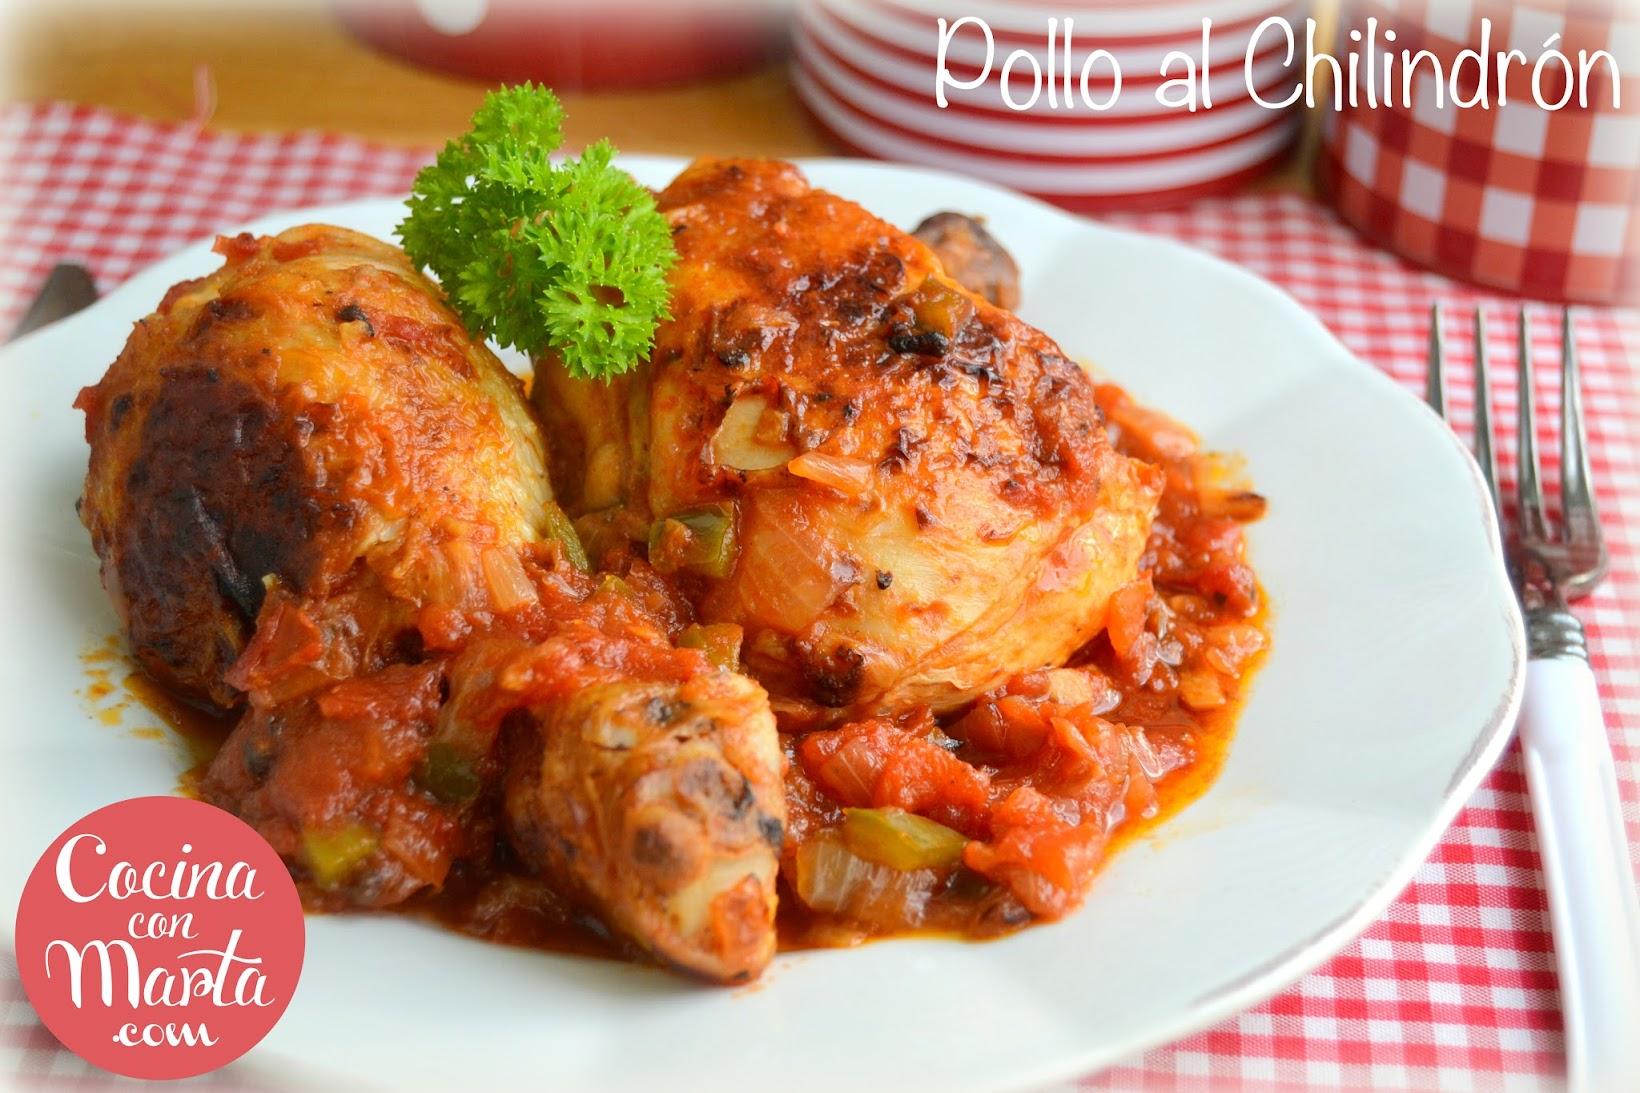 Receta pollo al chilindrón, pollo, fácil, rápido, sana, con verduras, Cocina con Marta, Olla GM, comprar